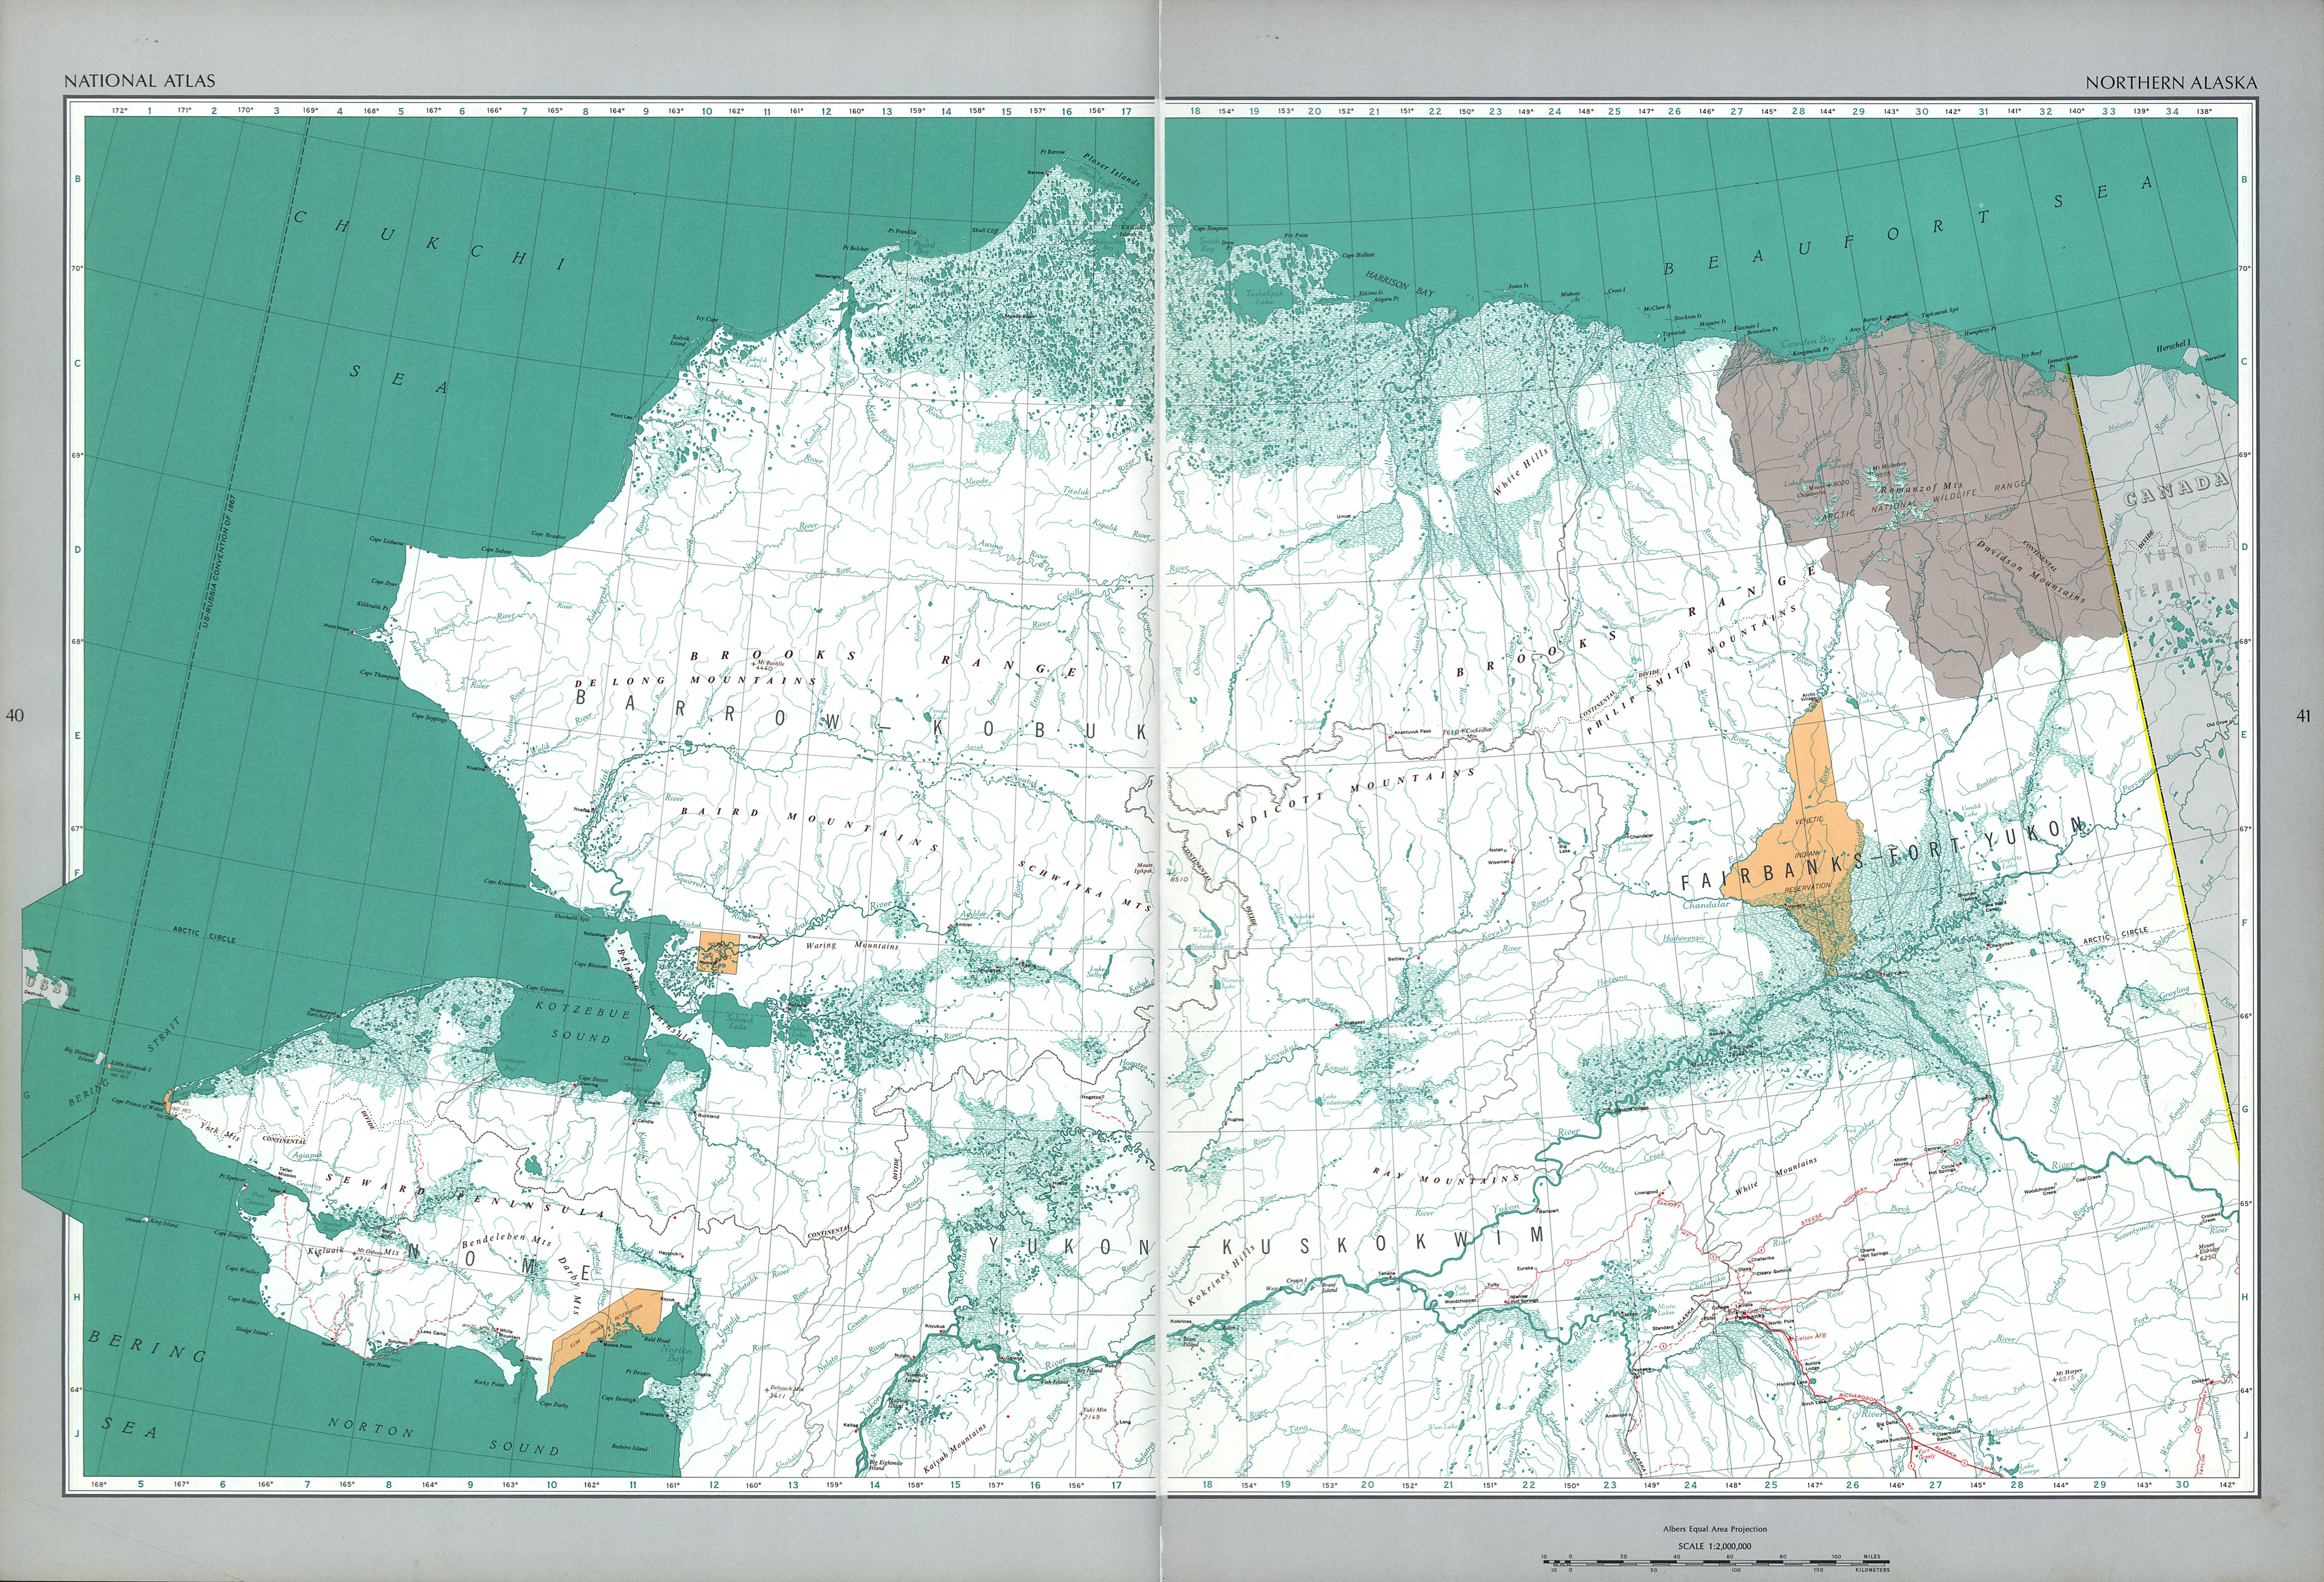 Mapa del Norte Alaska, Estados Unidos